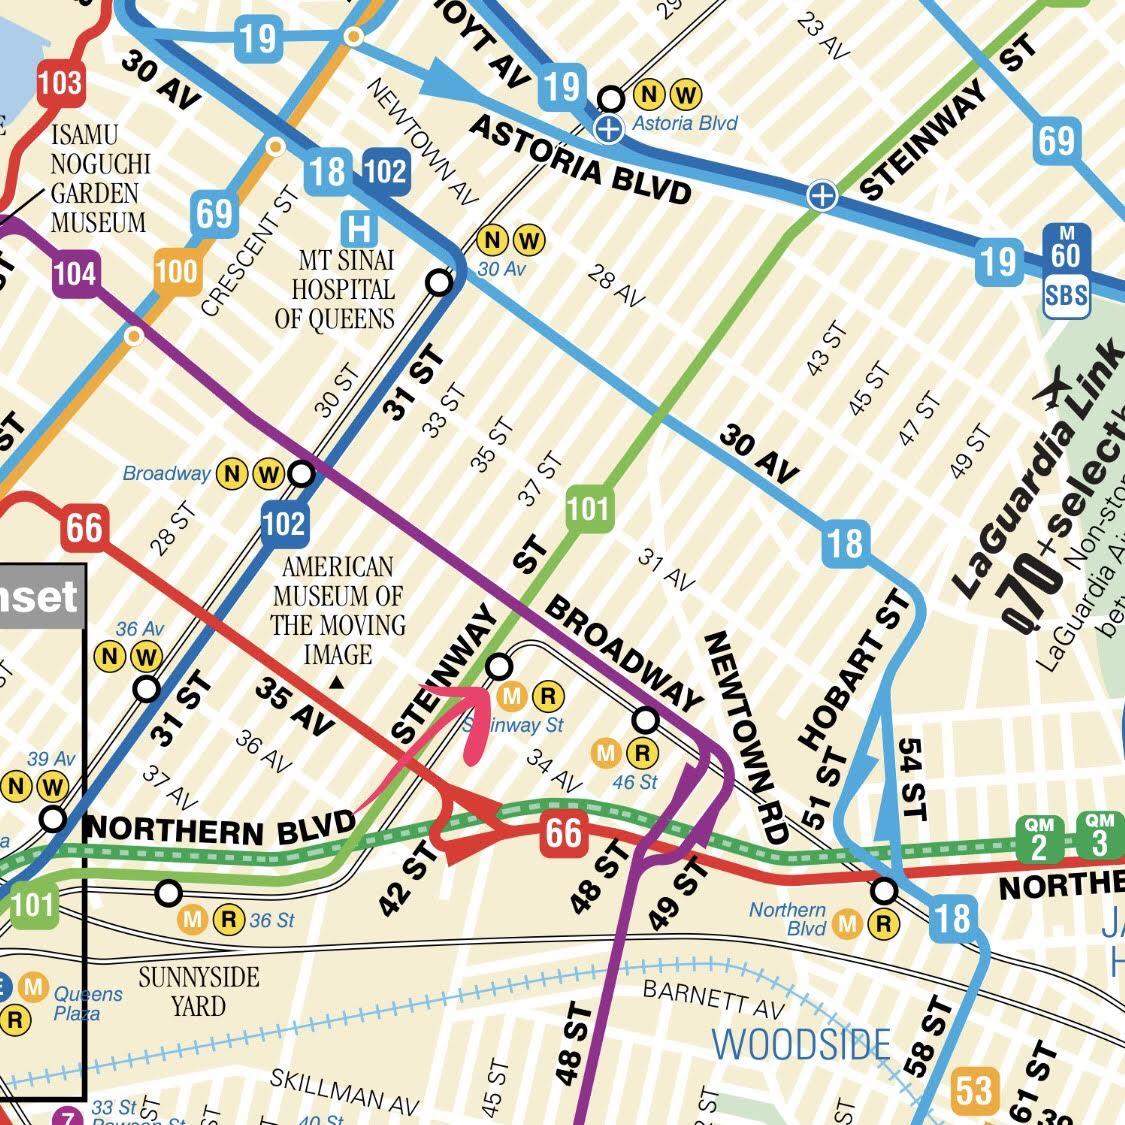 St Ave Long Island City Ny